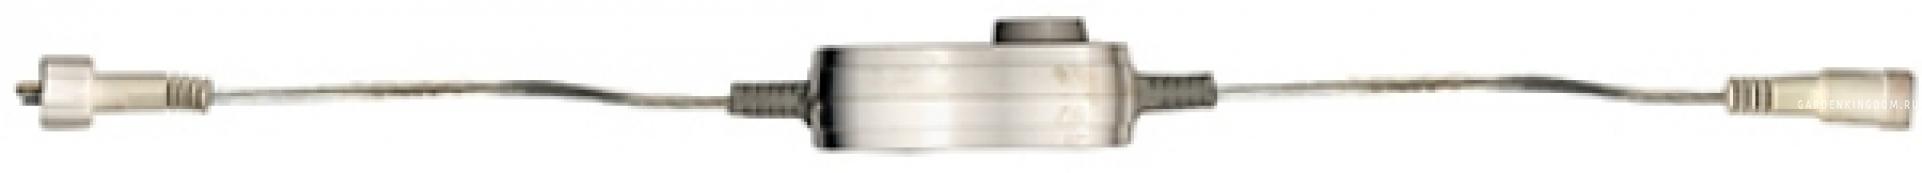 Регулятор электрической мощности - диммер, 0,5 м, прозрачный провод, серия SYSTEM DECOR